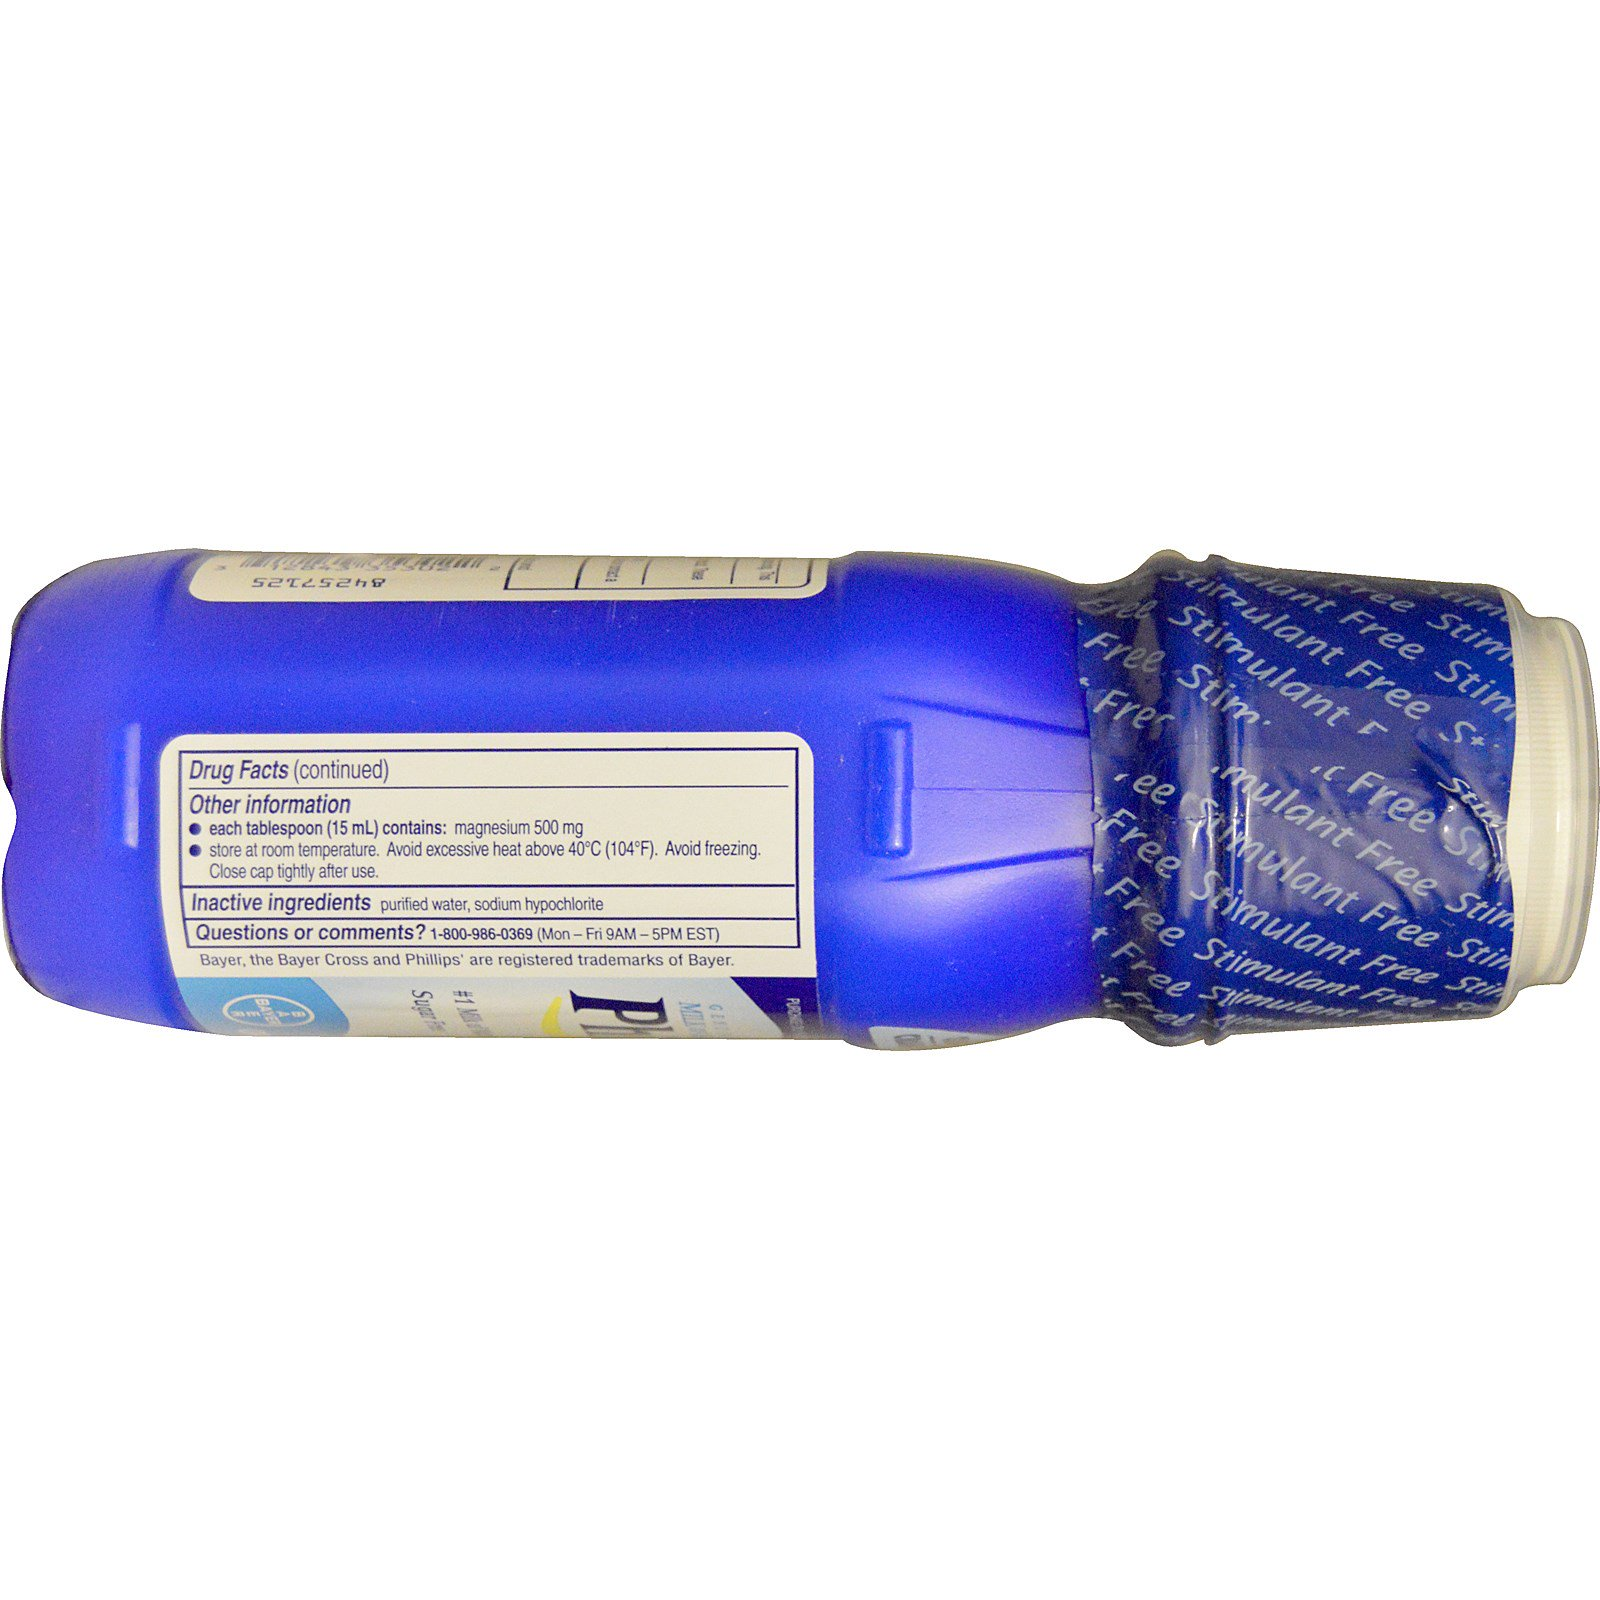 Achetez Sulfate de magnésium (sel dEPSOM) 500g: ✓ Livraison & retours gratuits.